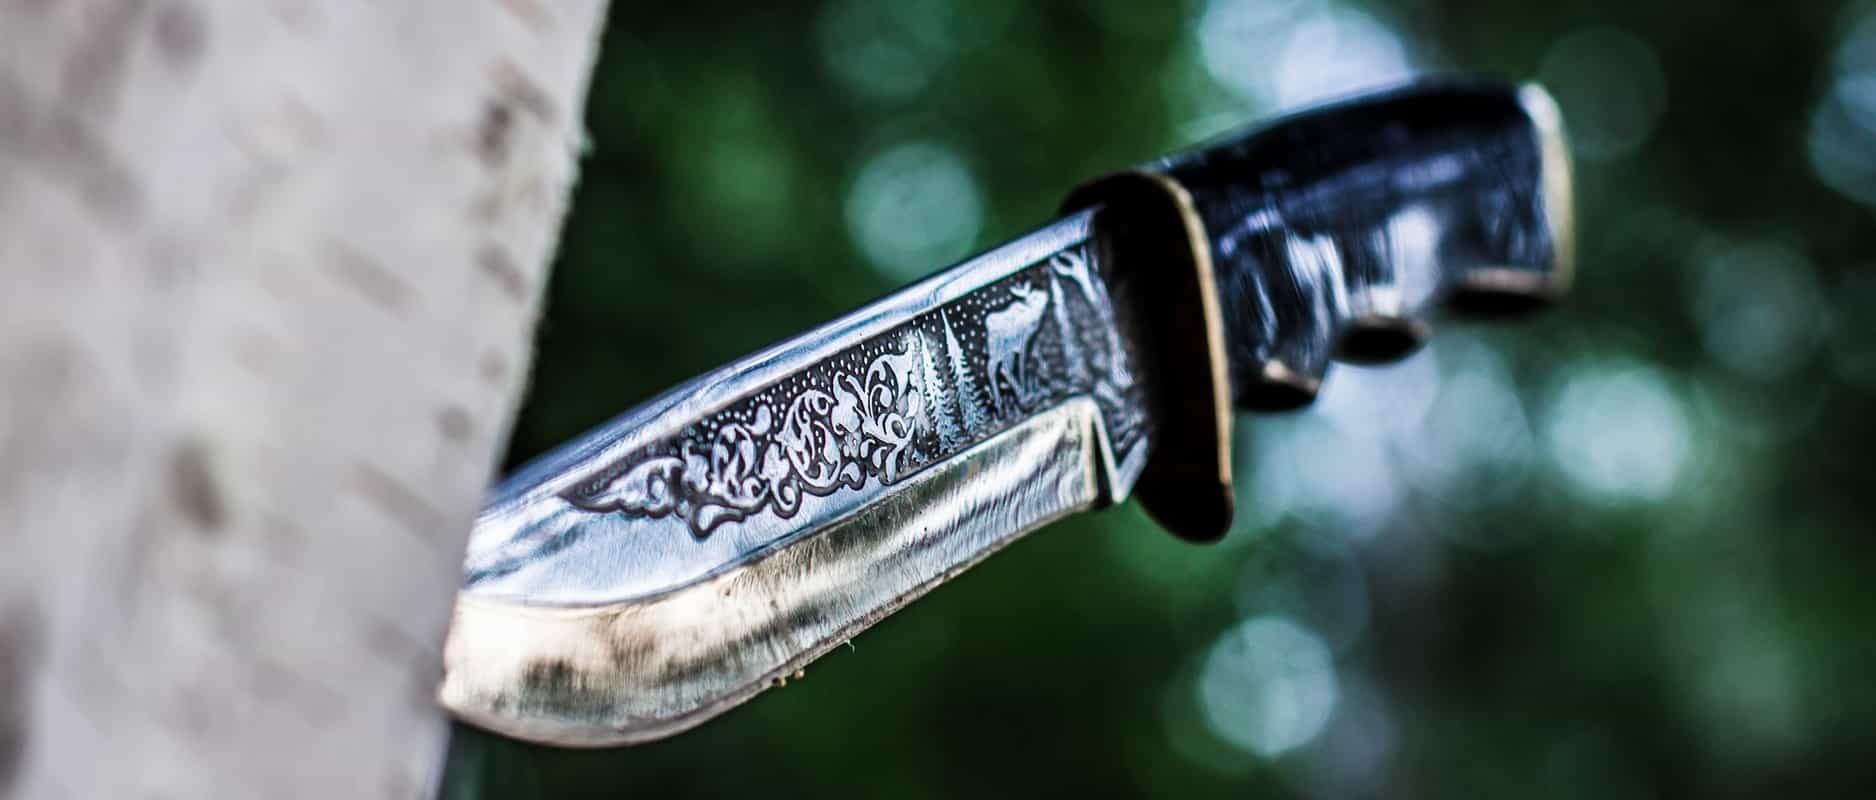 Knife Blade Design